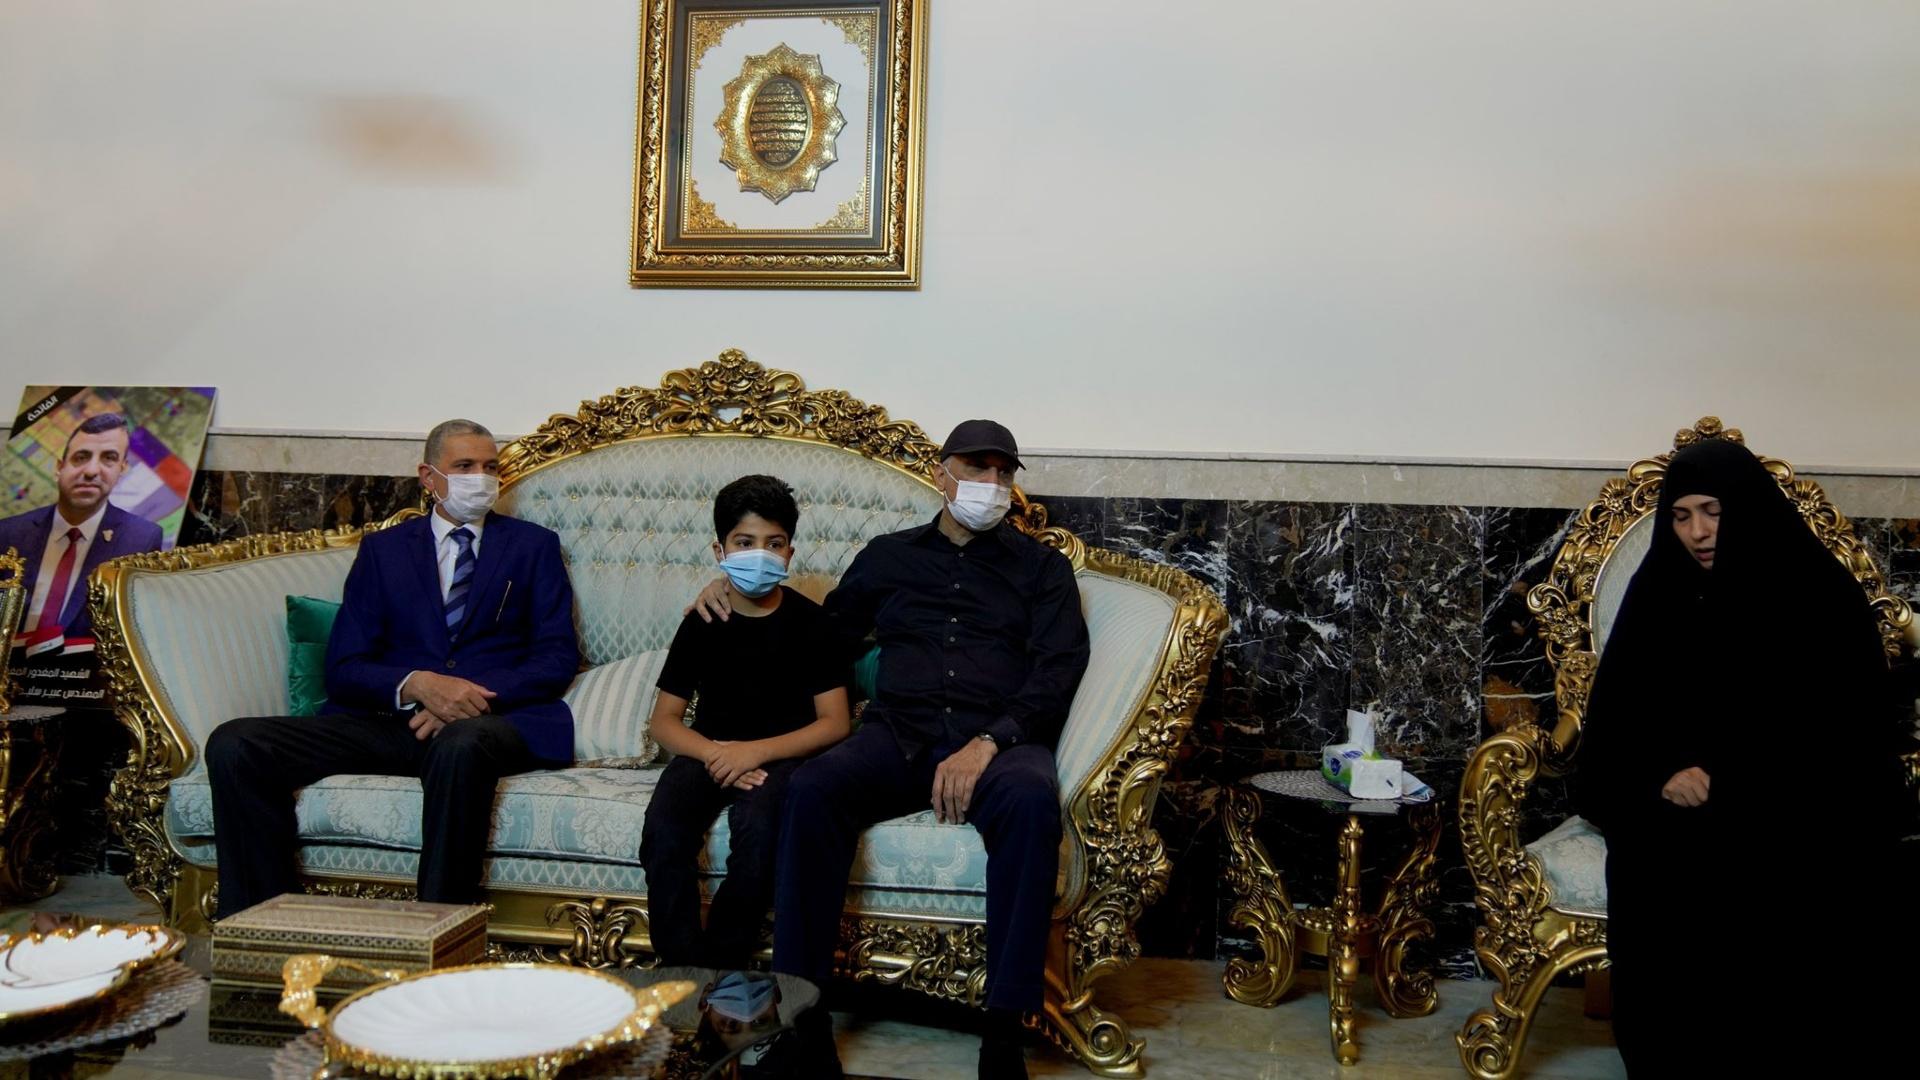 الكاظمي يزور عائلة رئيس بلدية كربلاء ويتوعد بمحاسبة قاتله